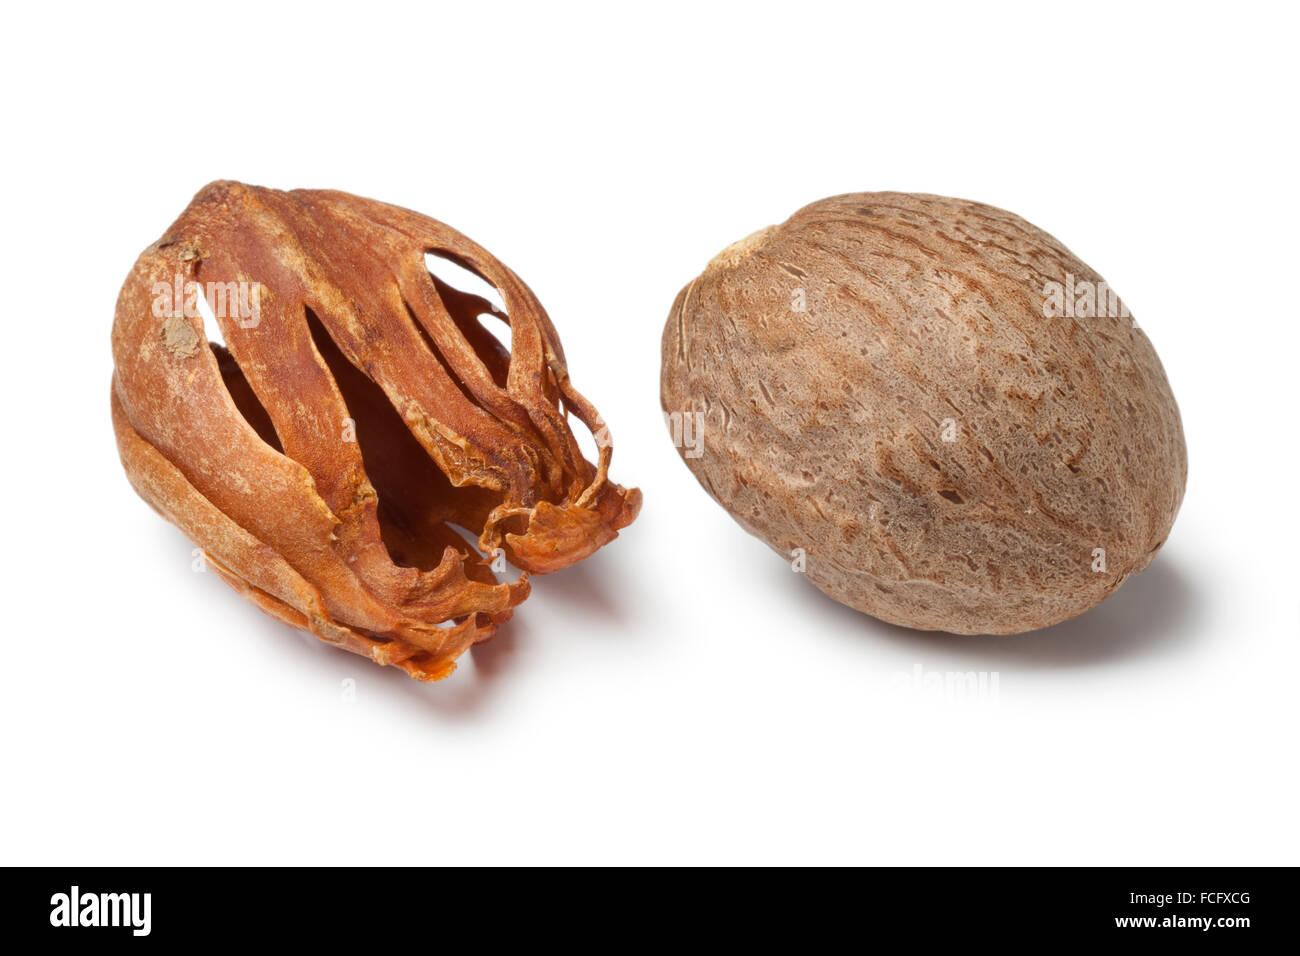 Single nutmeg kernel and mace on white background - Stock Image